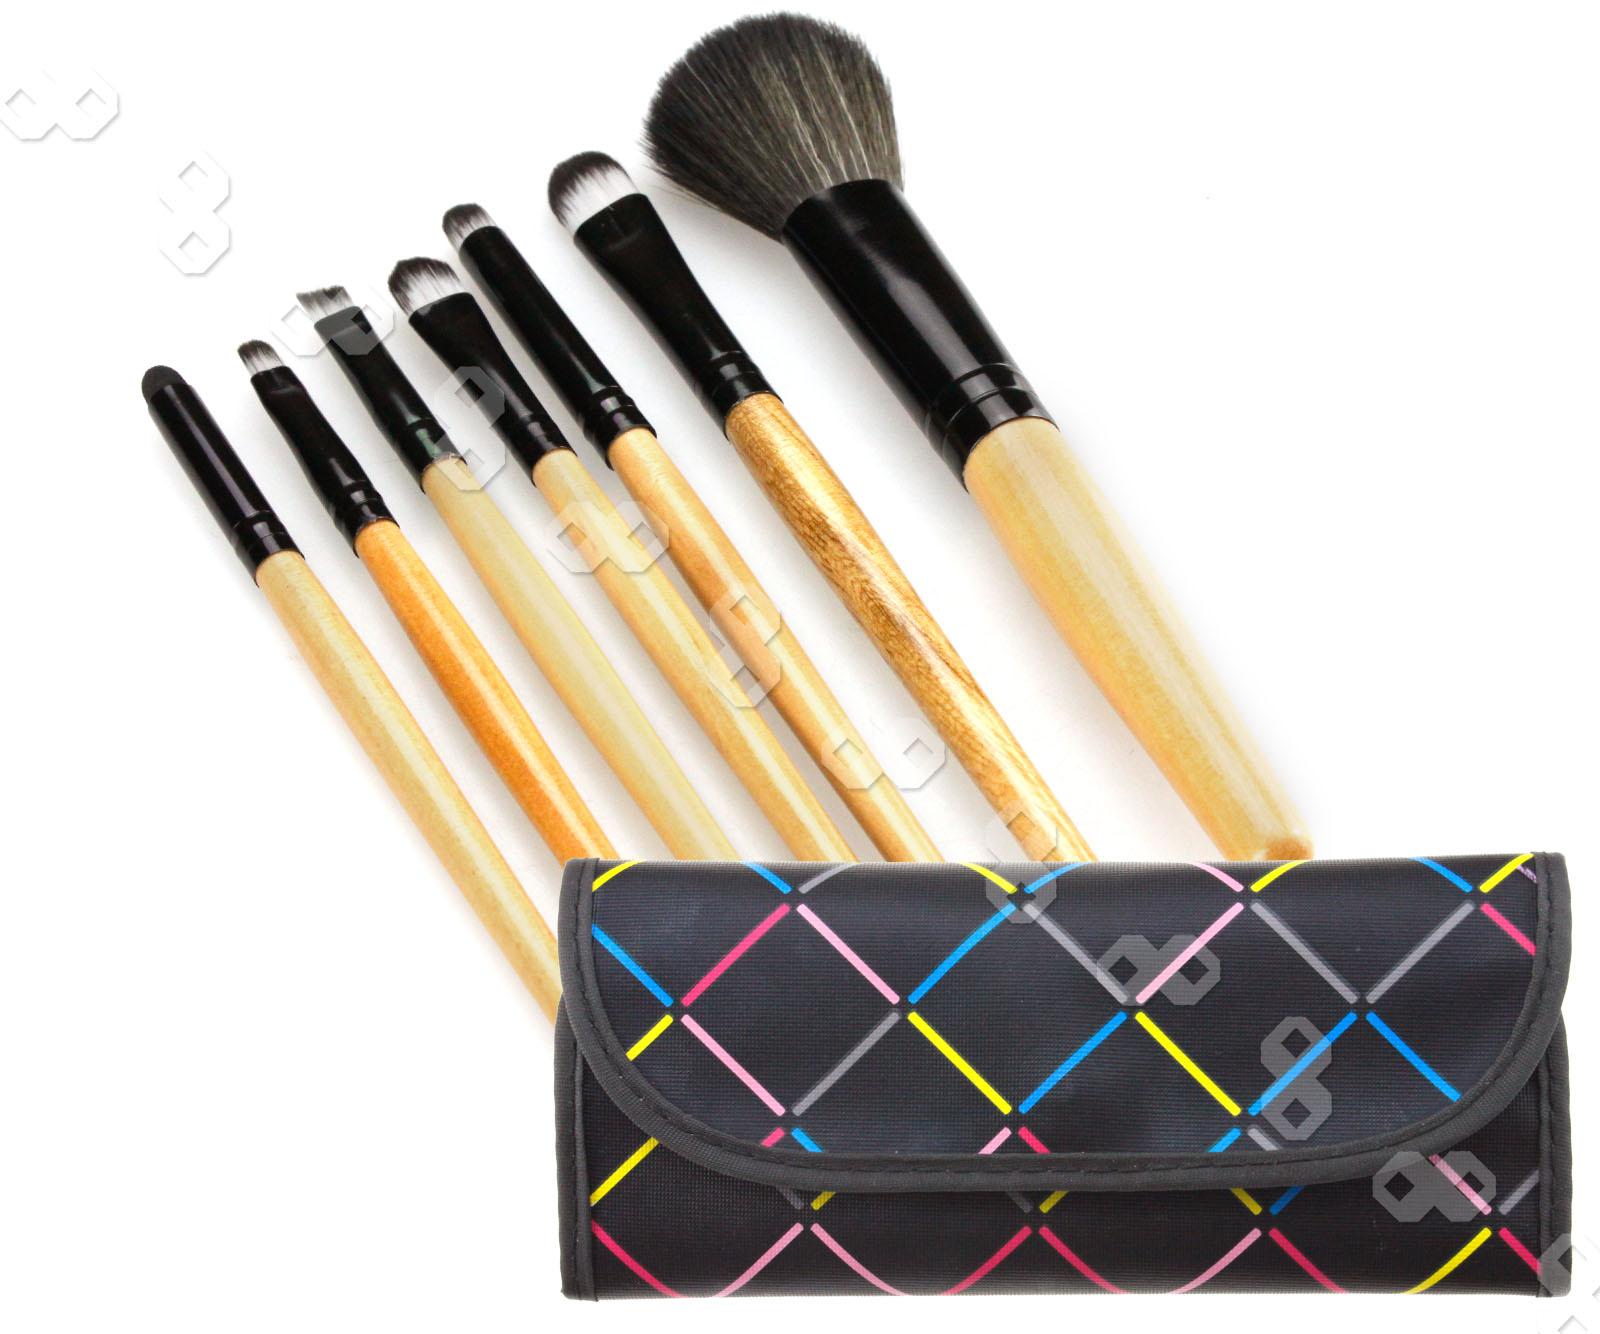 7Pcs Professional Black Make up Brush Makeup Kit